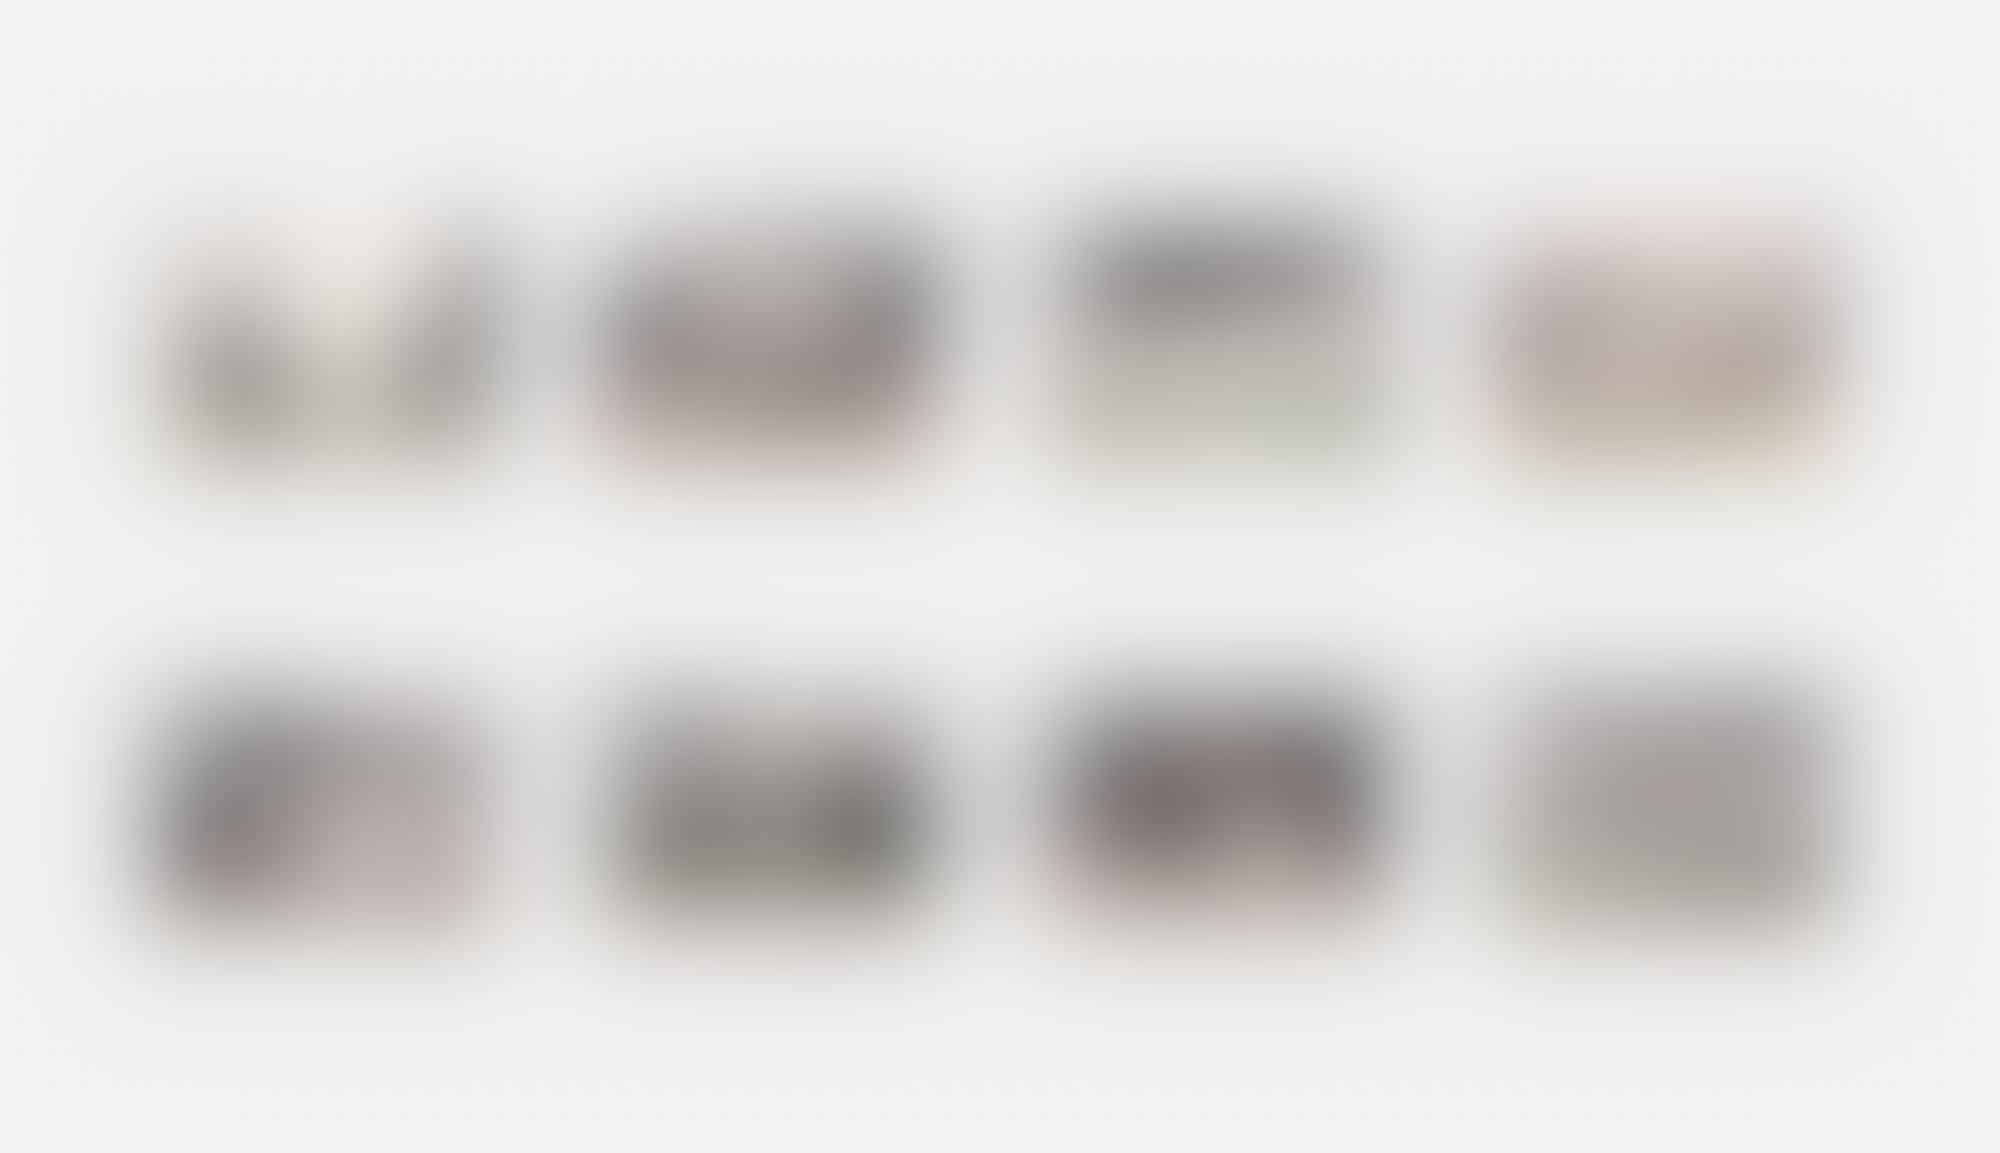 H Ctnu JKA autocompressfitresizeixlibphp 1 1 0max h2000max w3 D2000q80saeda42a83184d7298ca7108c8d3df0ce